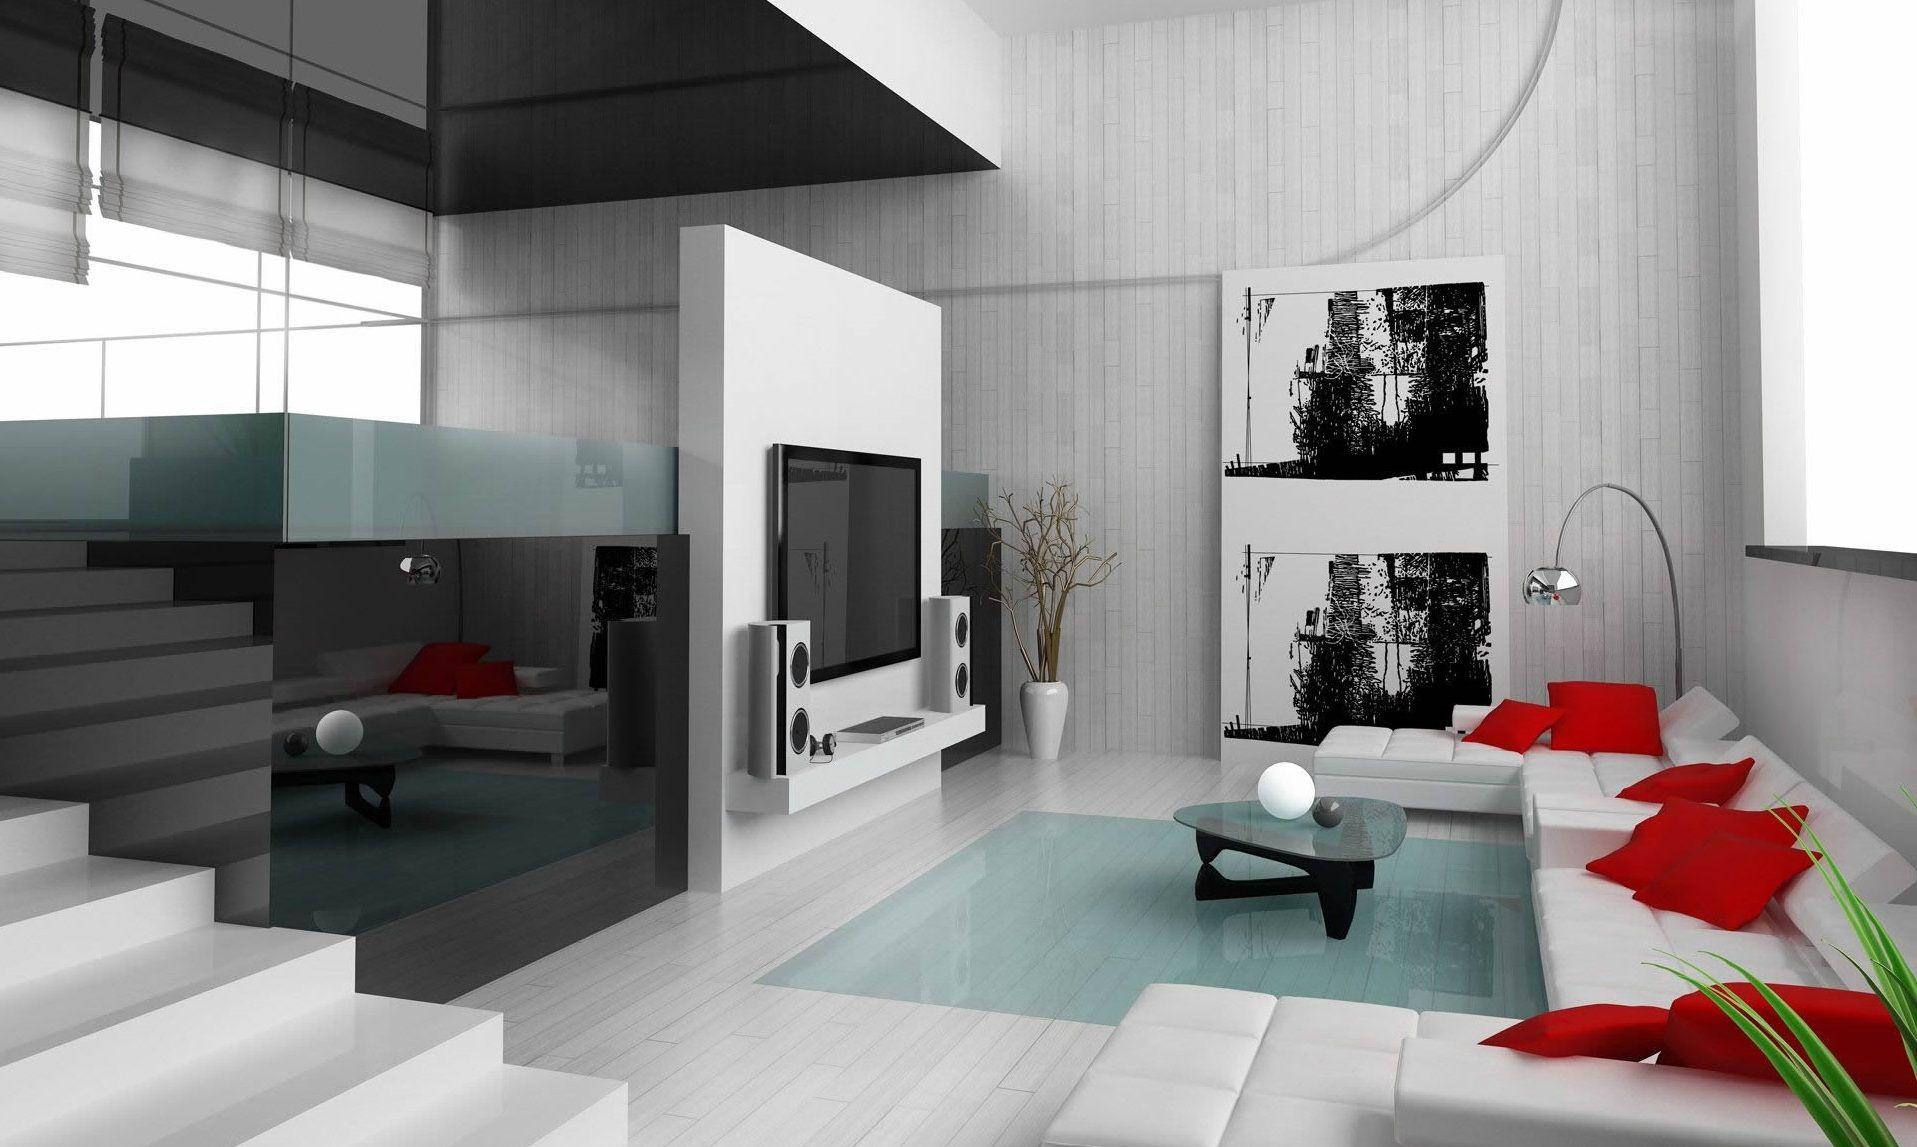 Zeitgenossische Wohnzimmer Mit Tv Wand Ideen Mobel Die Dekoration